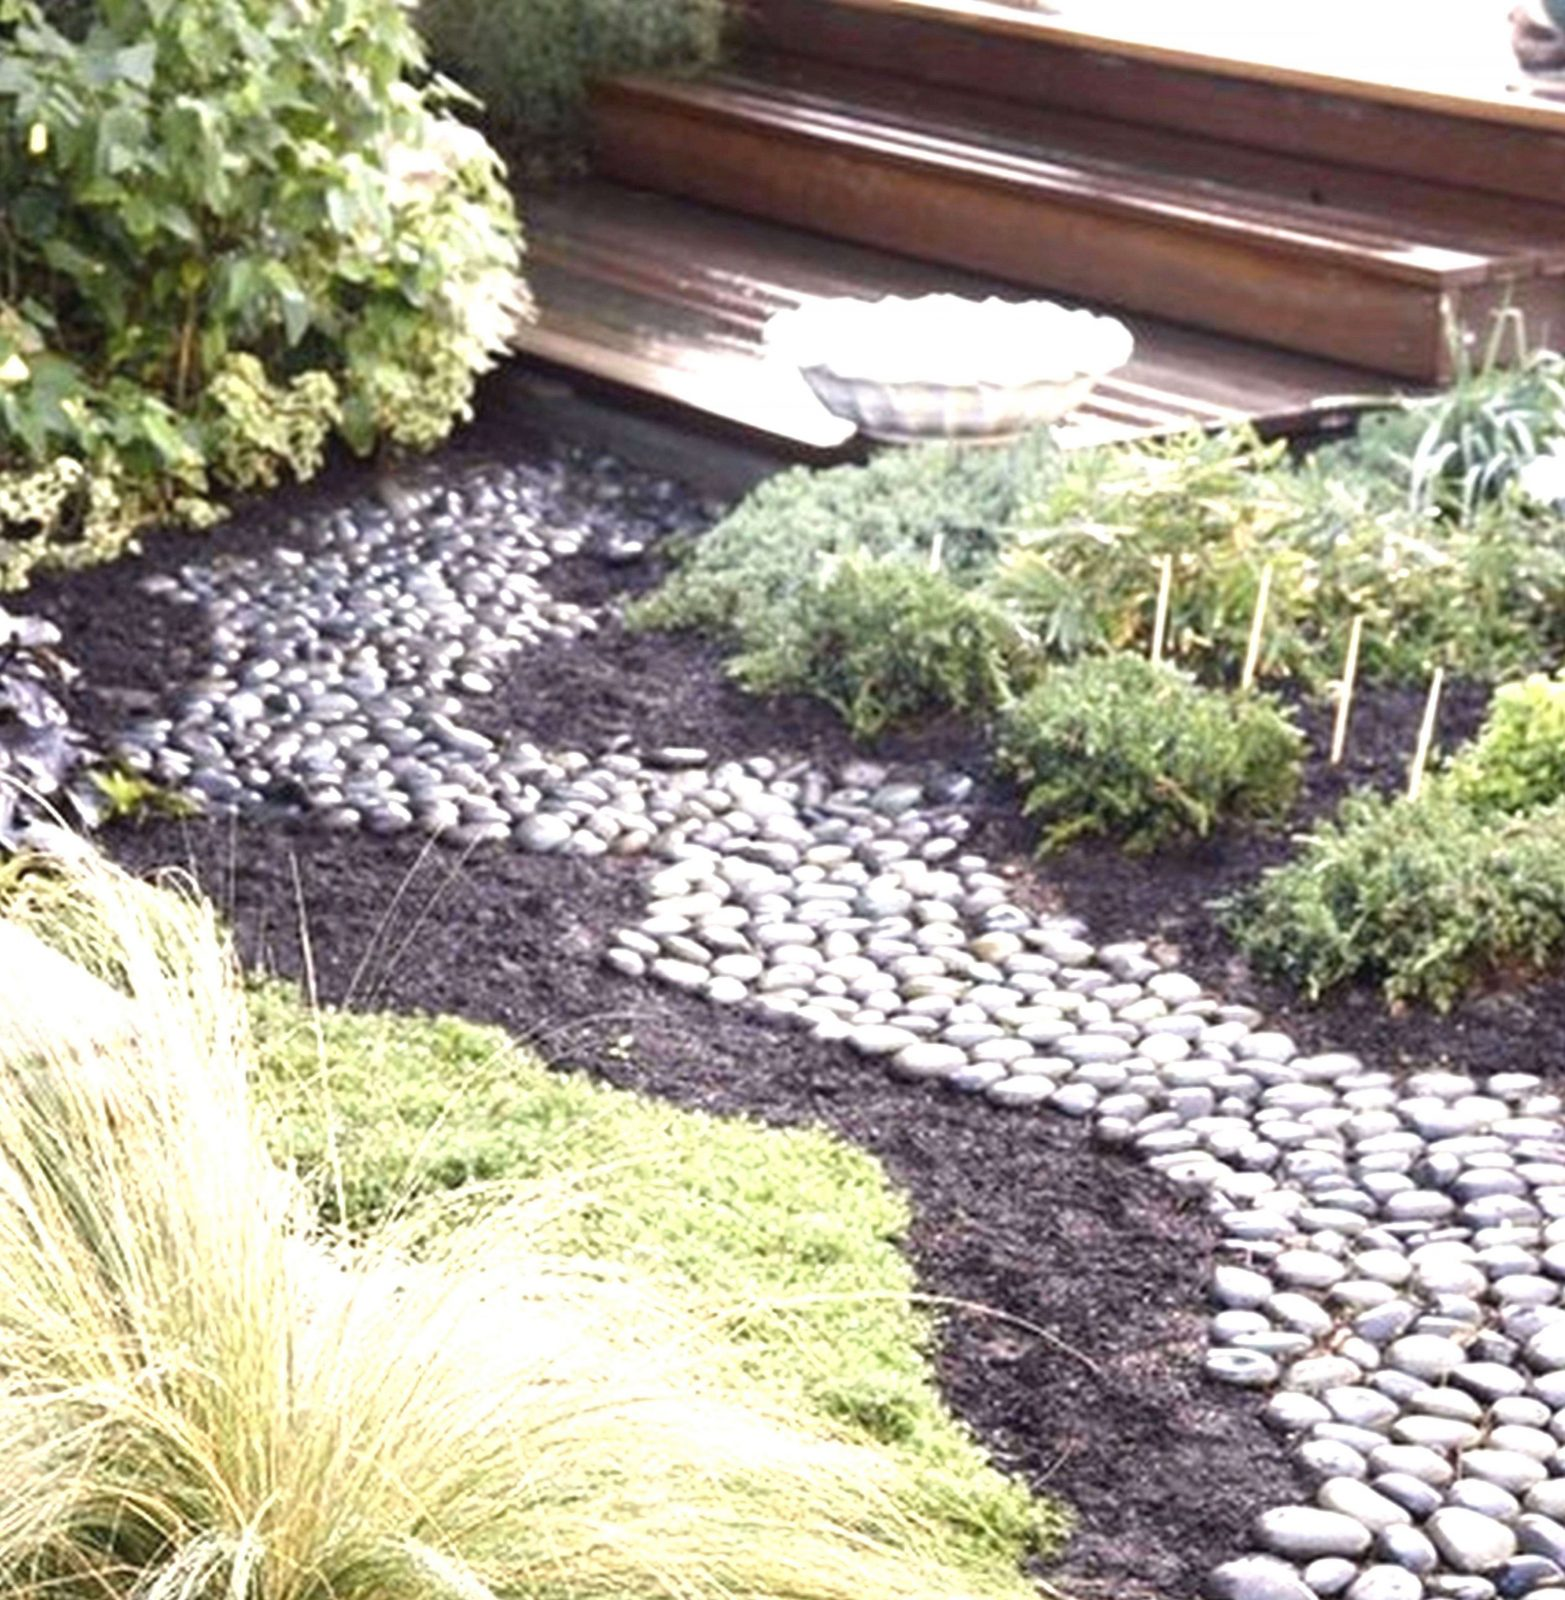 Garten Mit Kies Anlegen Anleitung Elegant Garten Anlegen Mit Steinen von Garten Mit Kies Bilder Bild